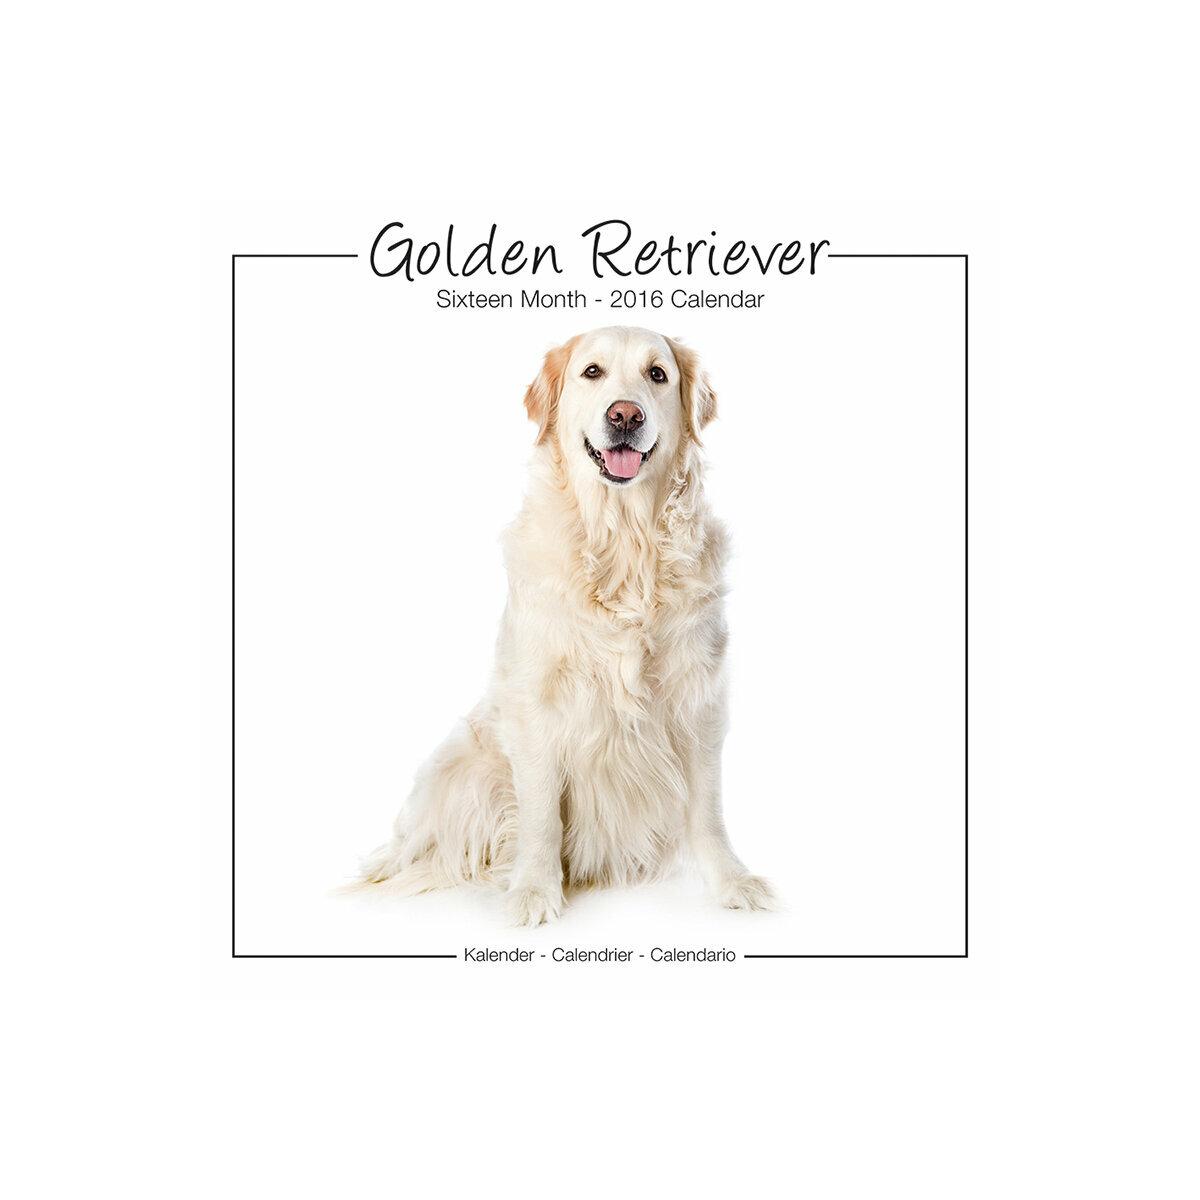 Calendrier Golden retriever 2016